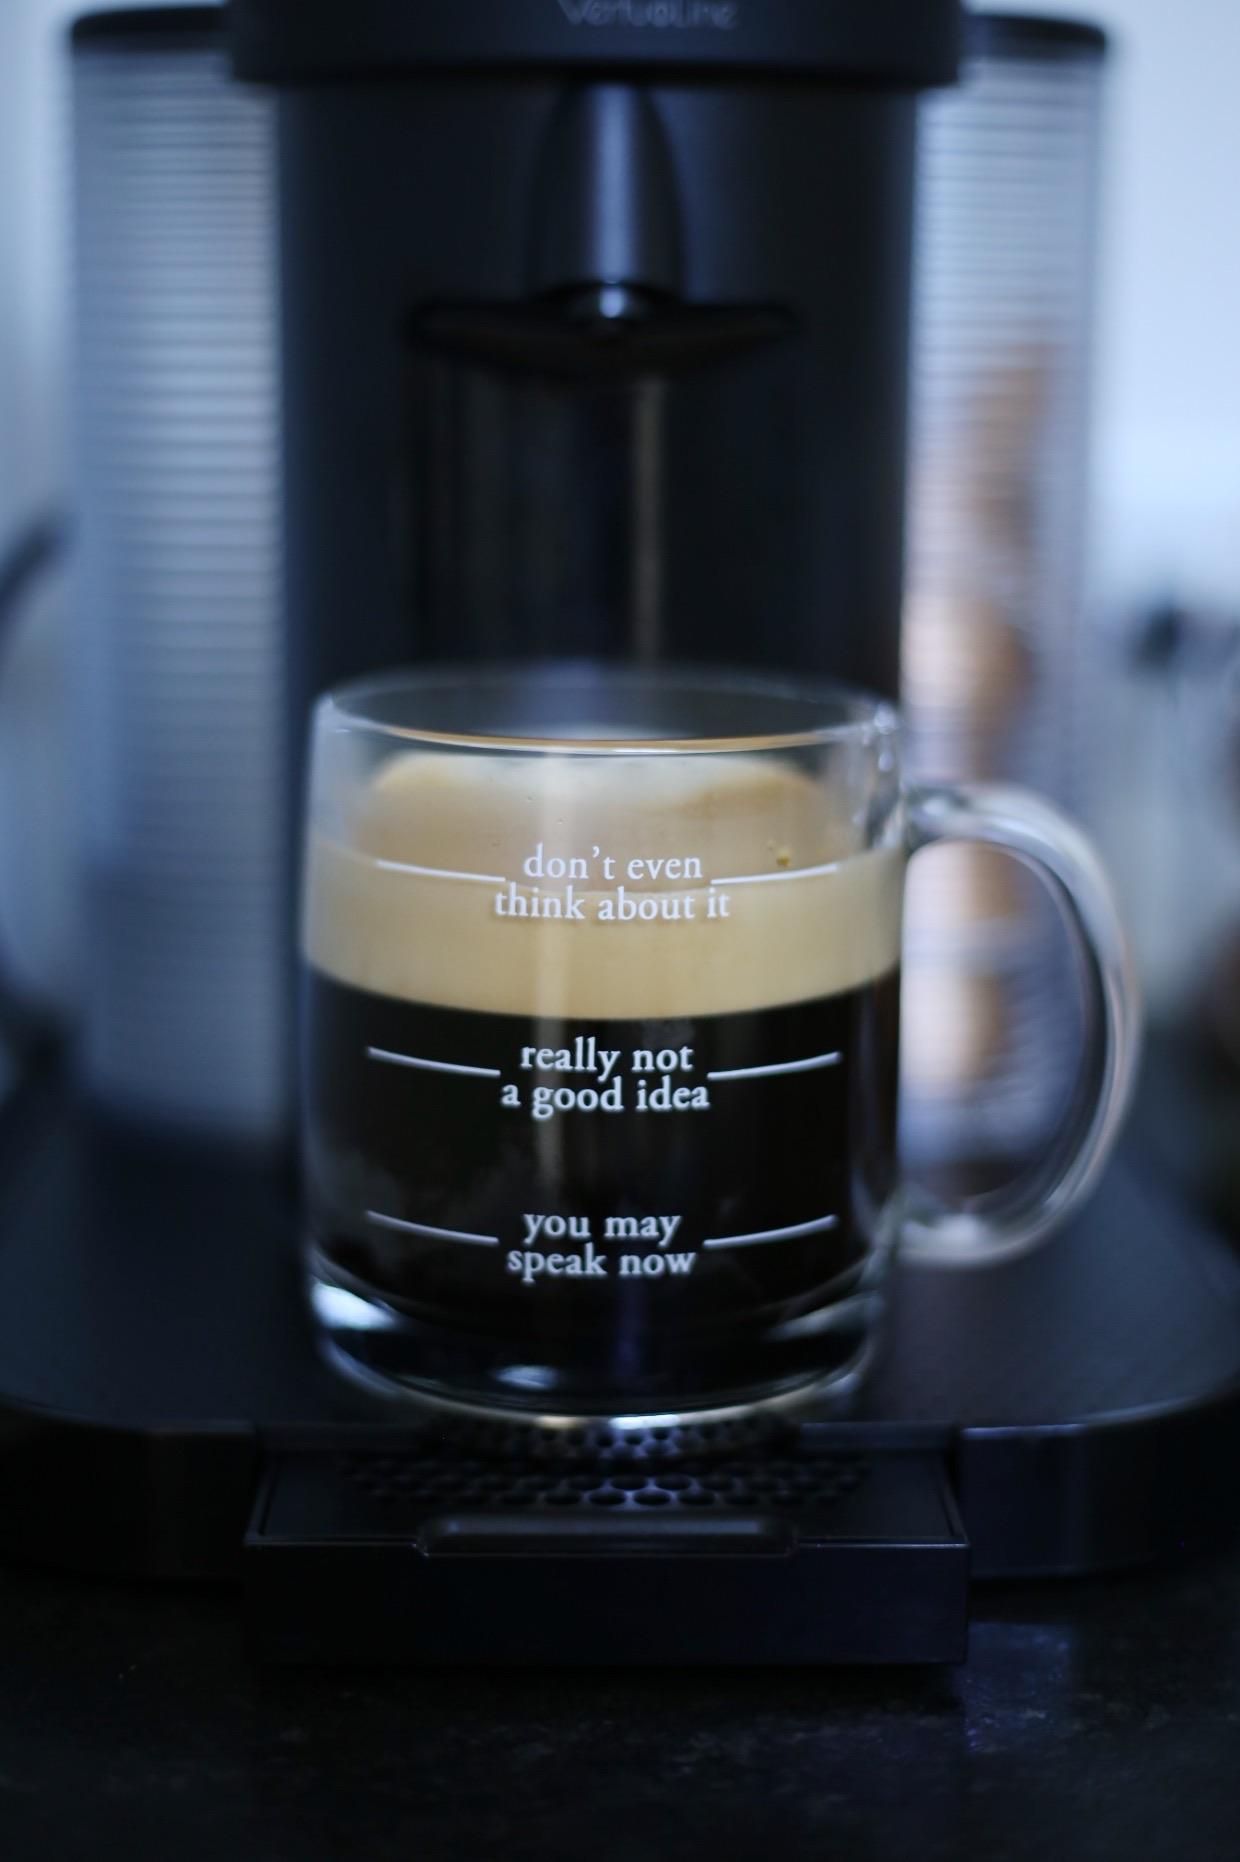 |  coffee mug  |  nespresso machine  | image by sydney clawson |